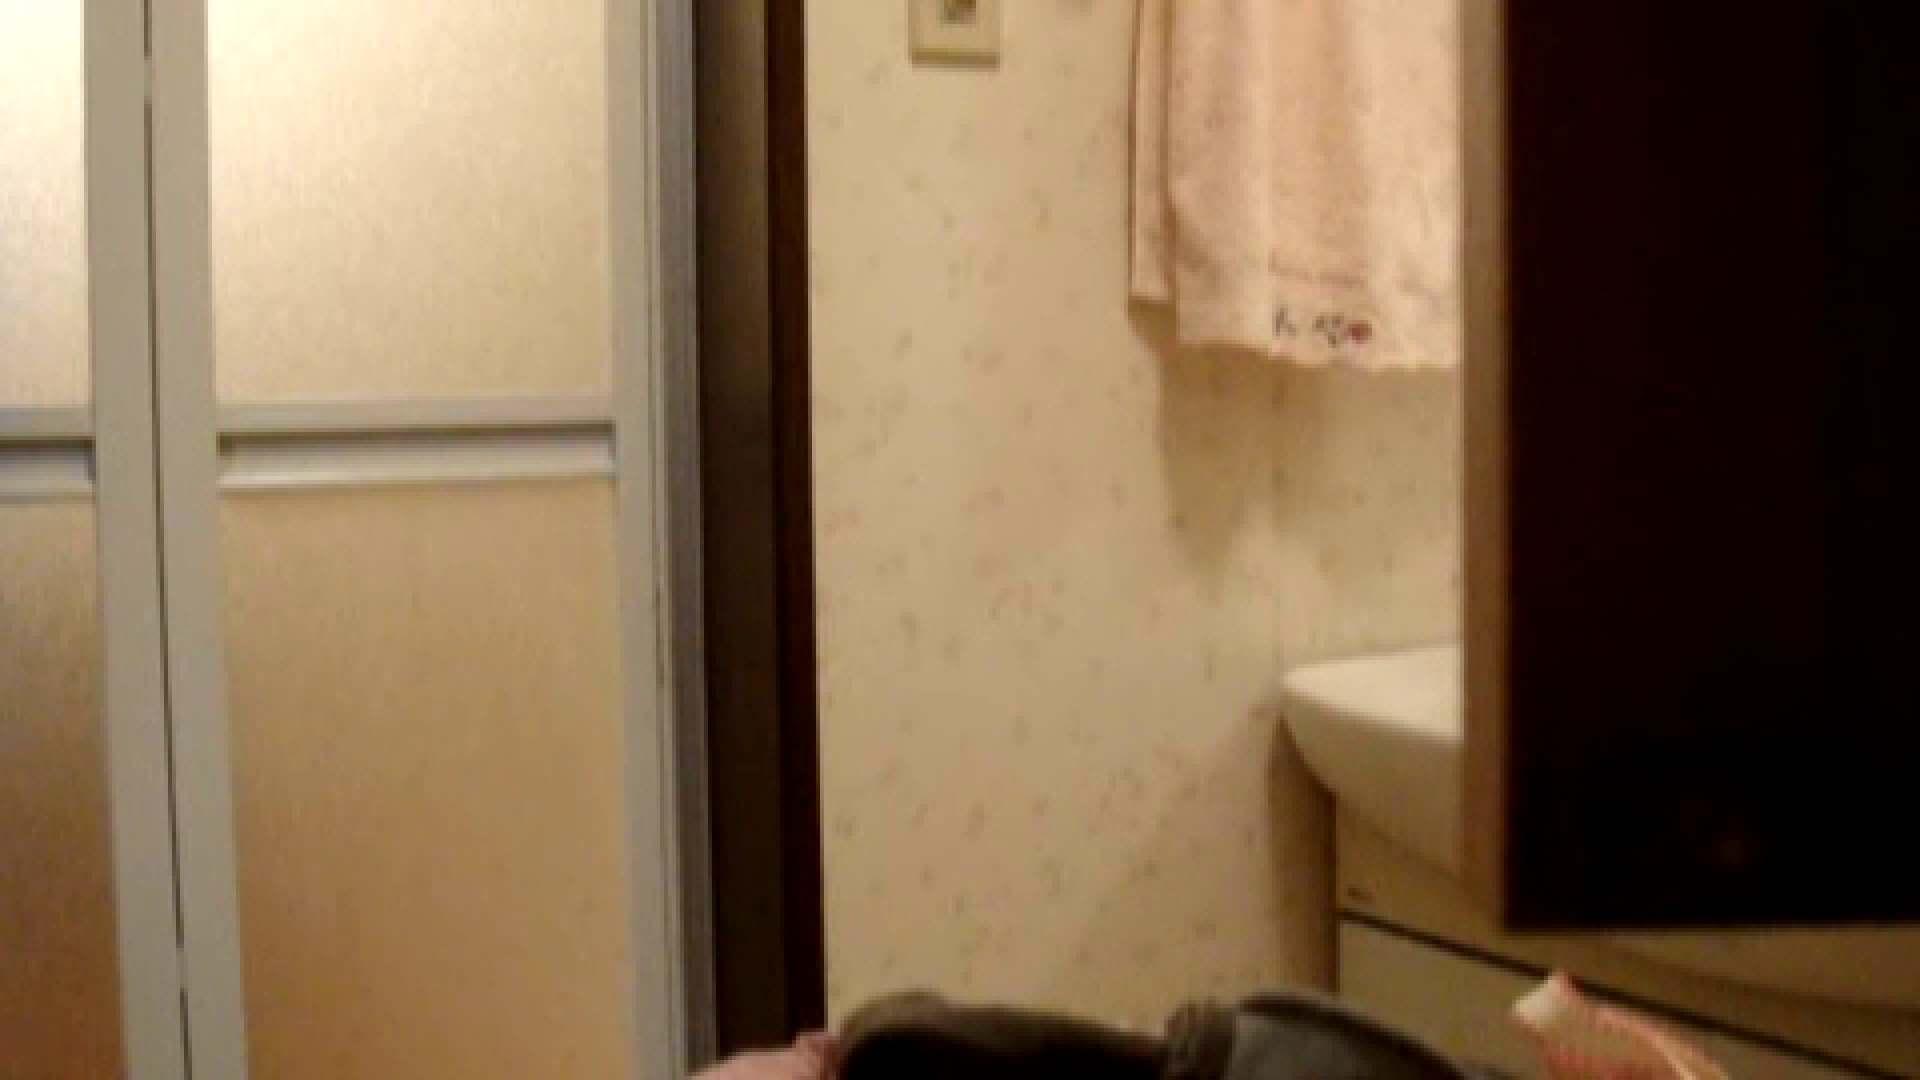 二人とも育てた甲斐がありました… vol.08 まどかの入浴中にカメラに気付いたか!? 入浴 | HなOL  50pic 28